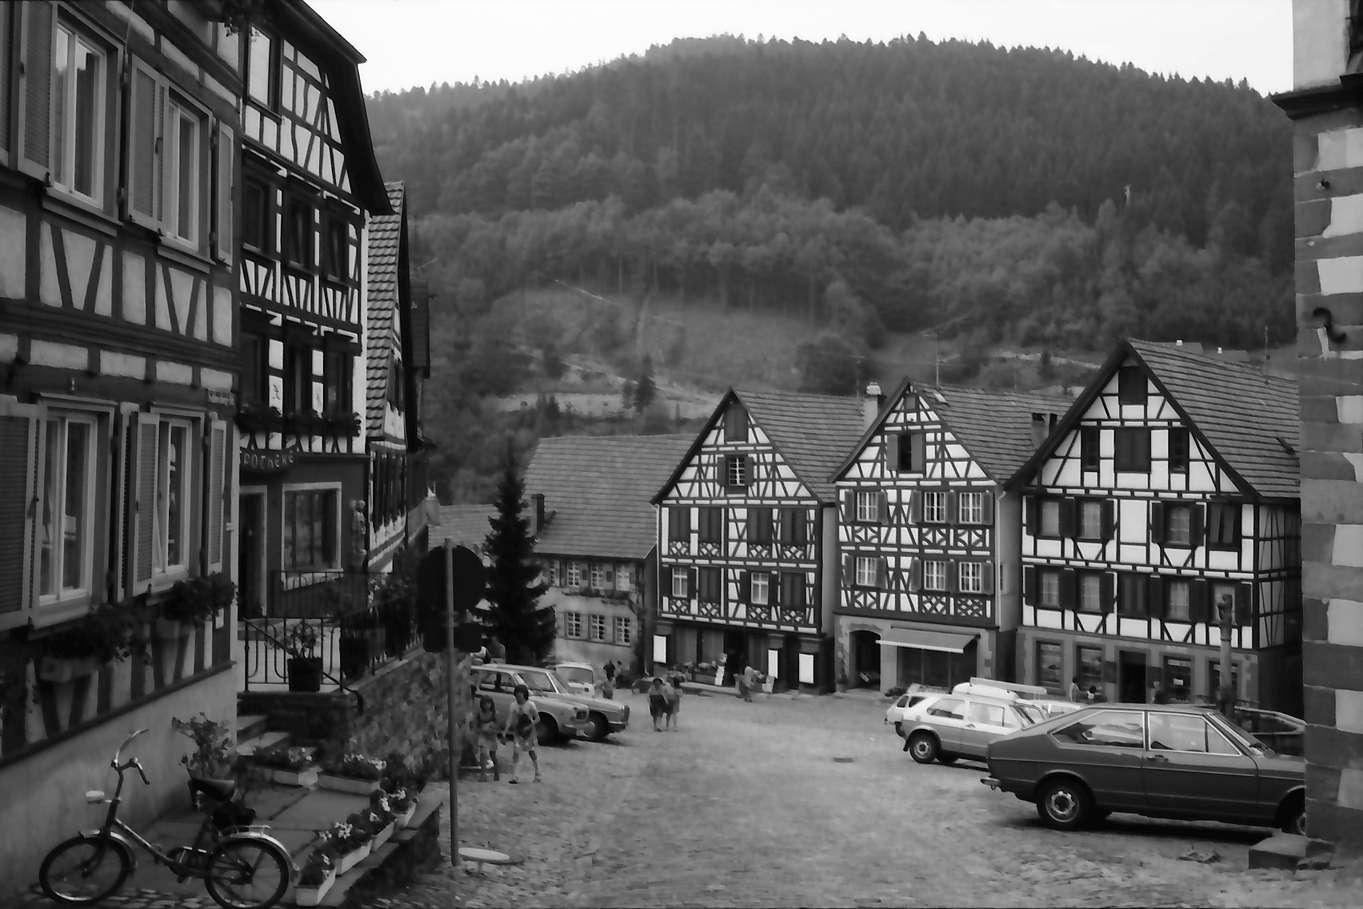 Schiltach: Marktplatz mit Fachwerkhäusern, von oben, Bild 1